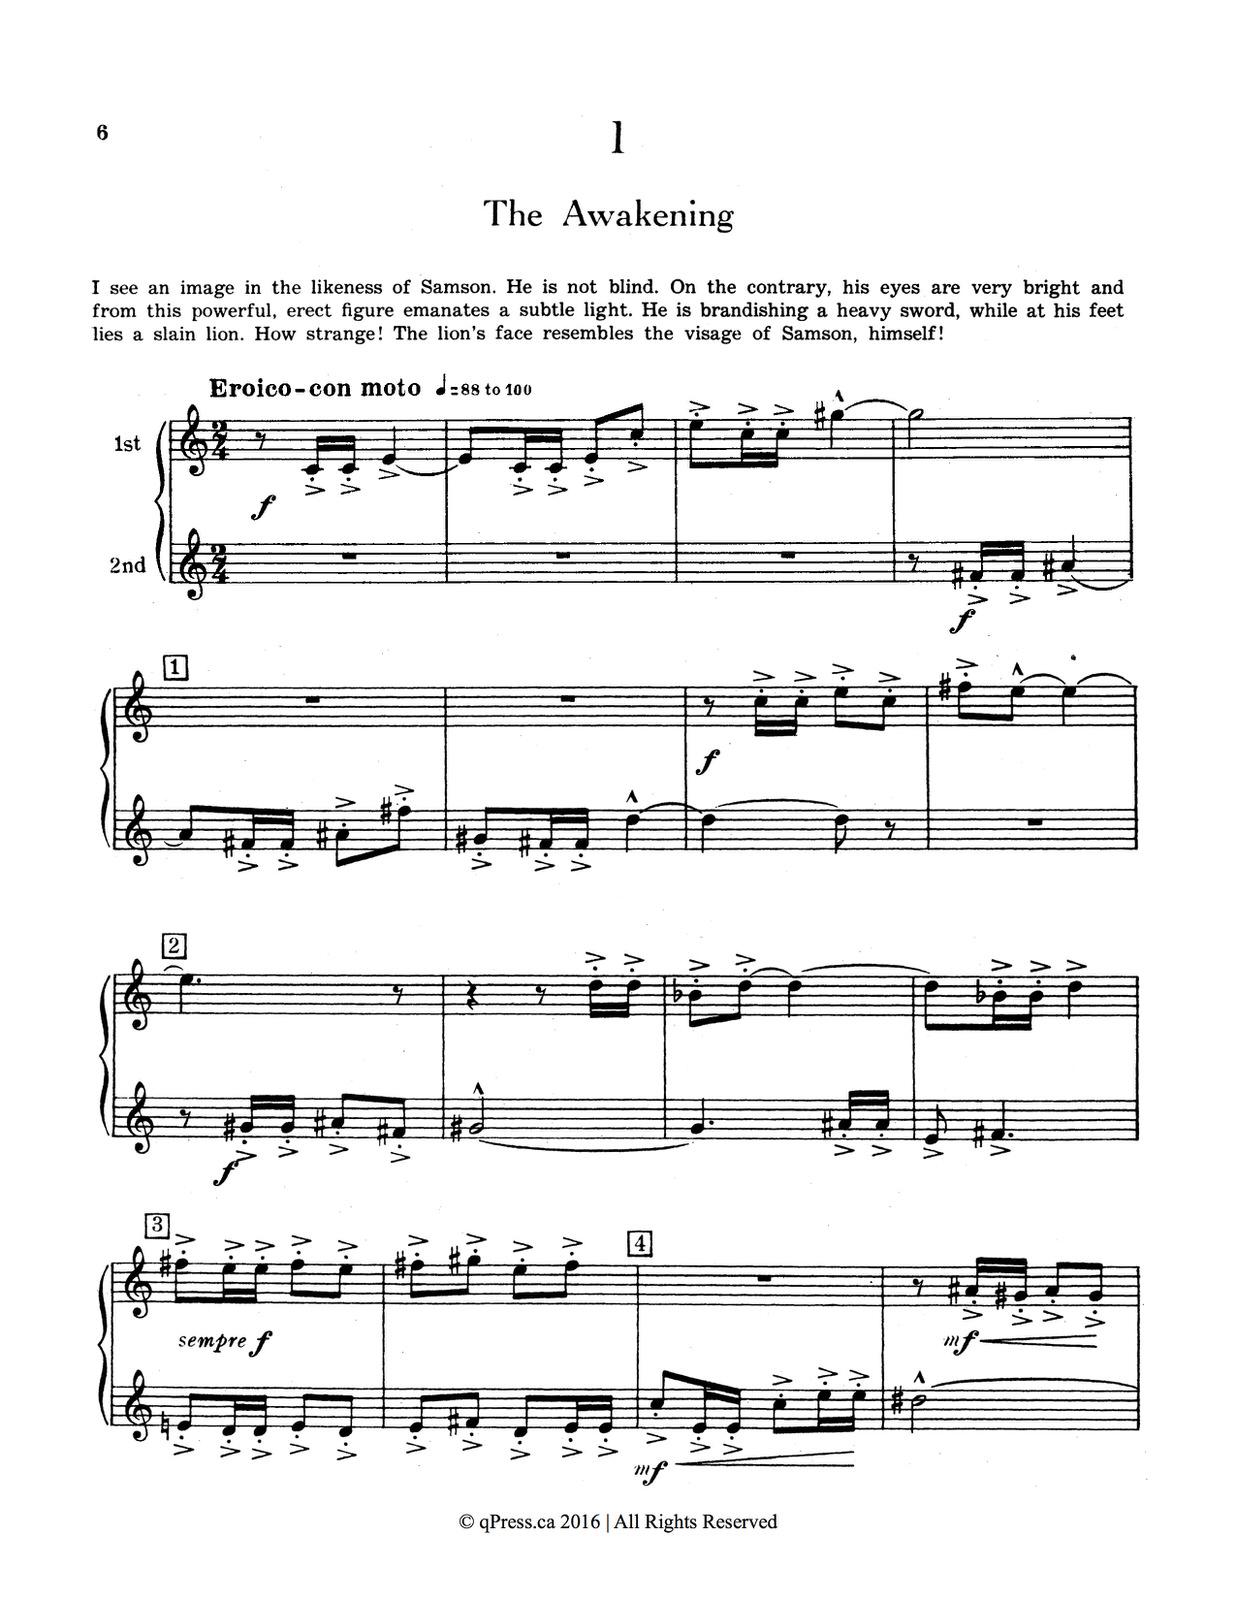 Clean Coscia, Sylvius 20 Original Duets for Trumpet or Cornet Book 1 3